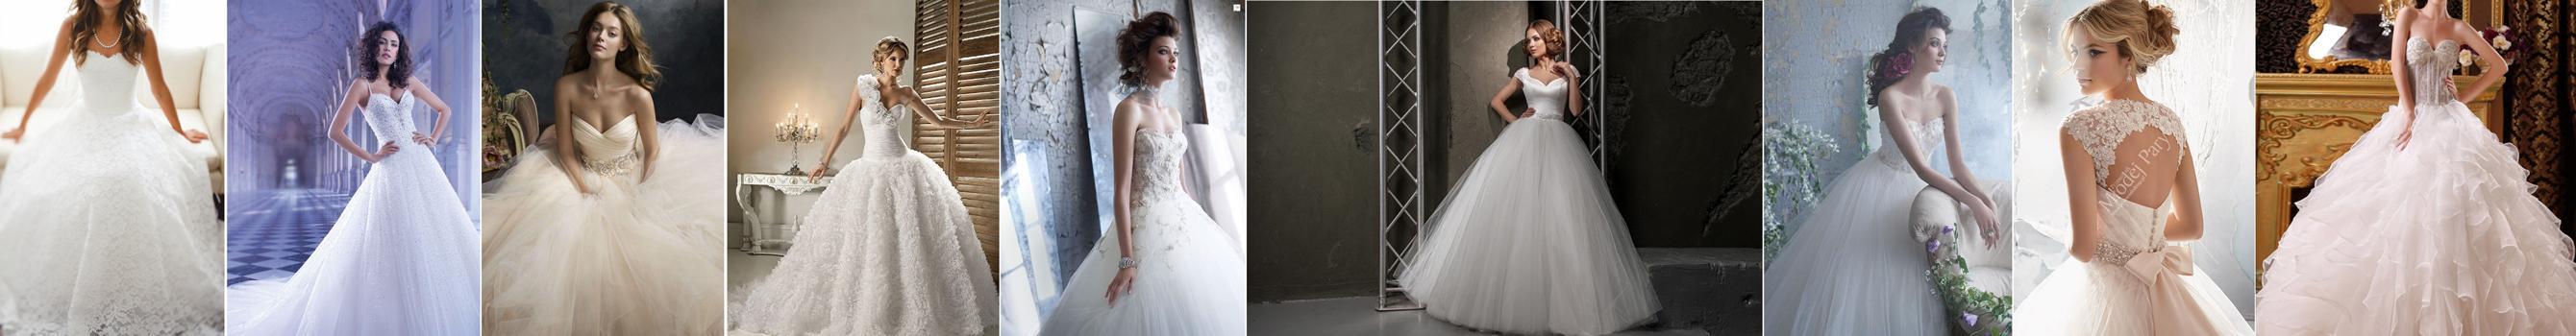 poradnik ślubny - suknia ślubna księżniczka